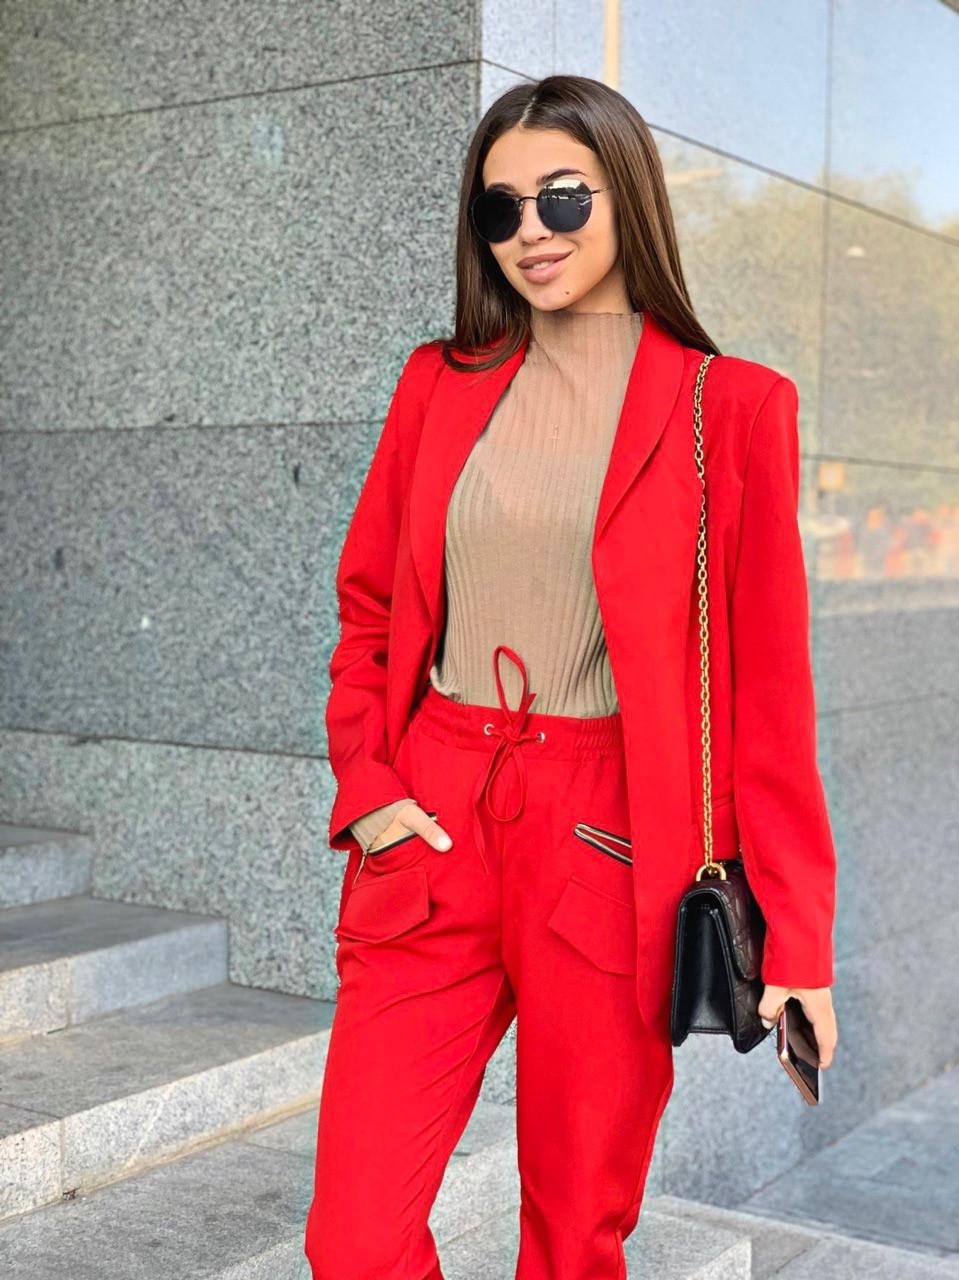 Женский брючный костюм с пиджаком и резинкой на брюках 63mko249, фото 1